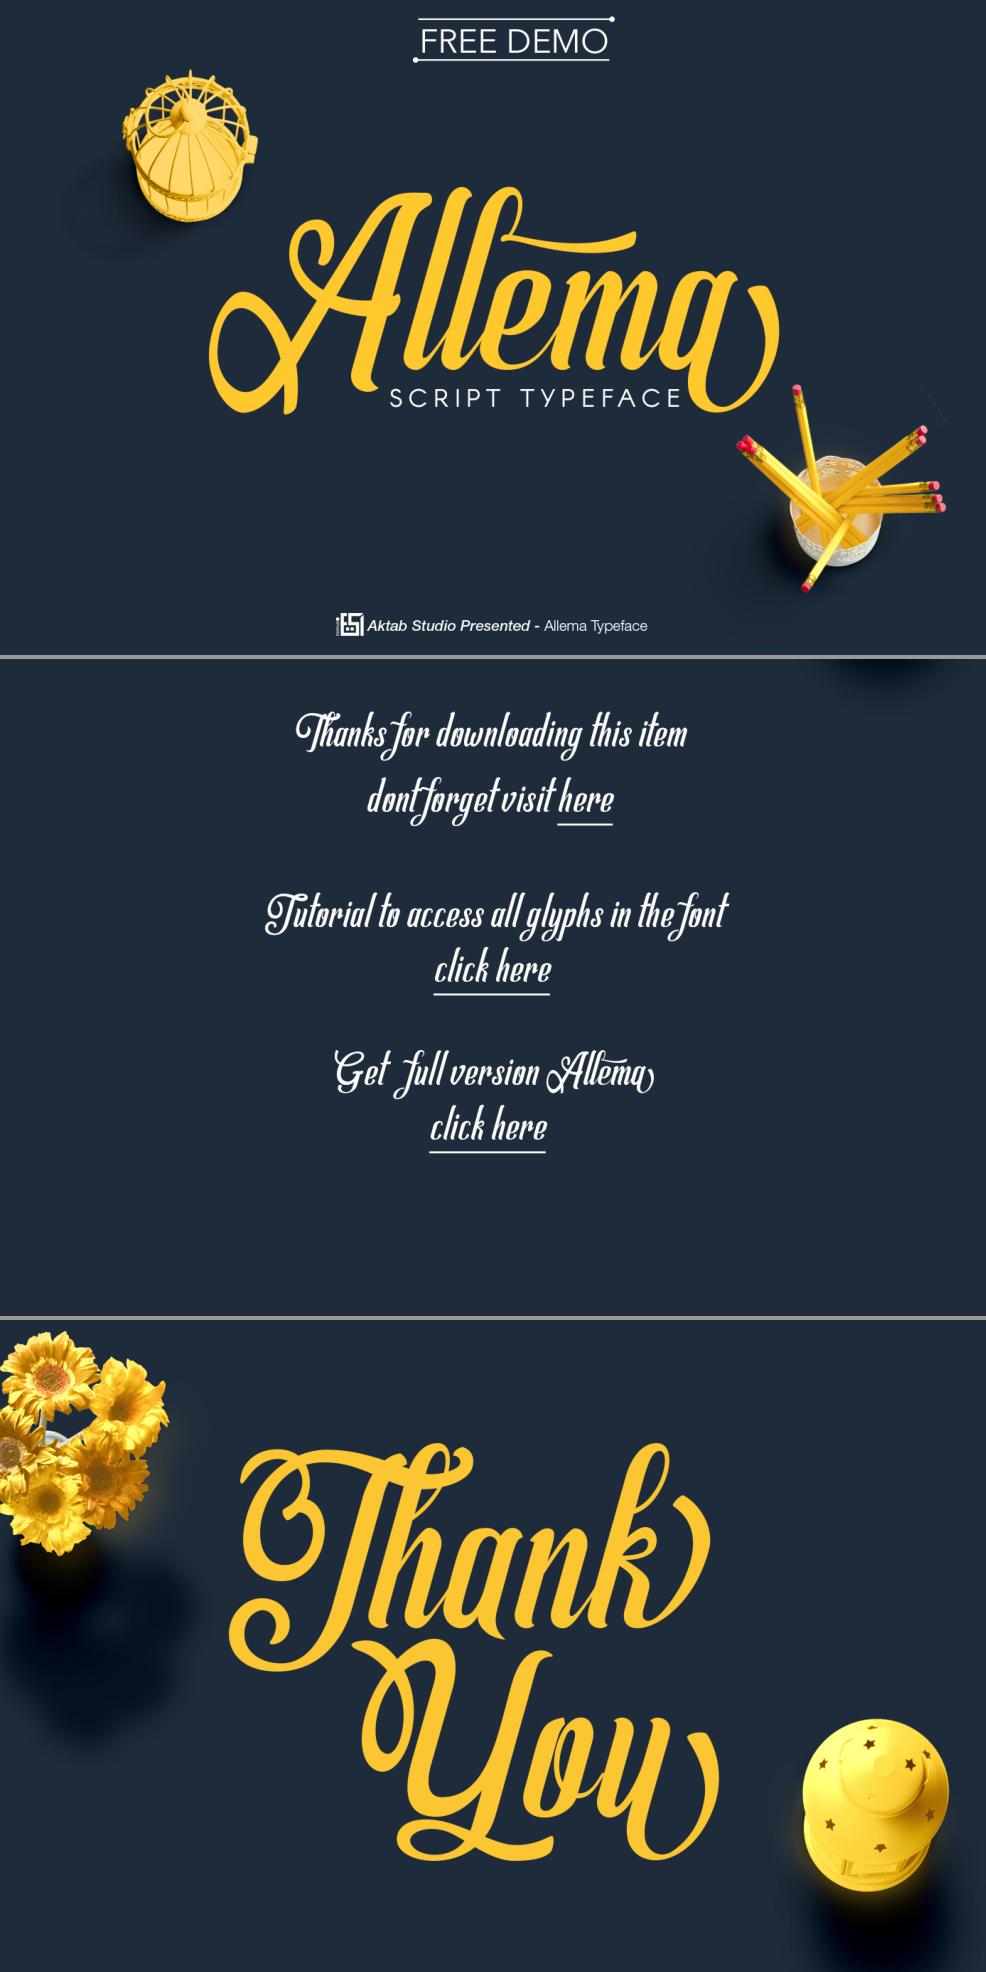 allema-font